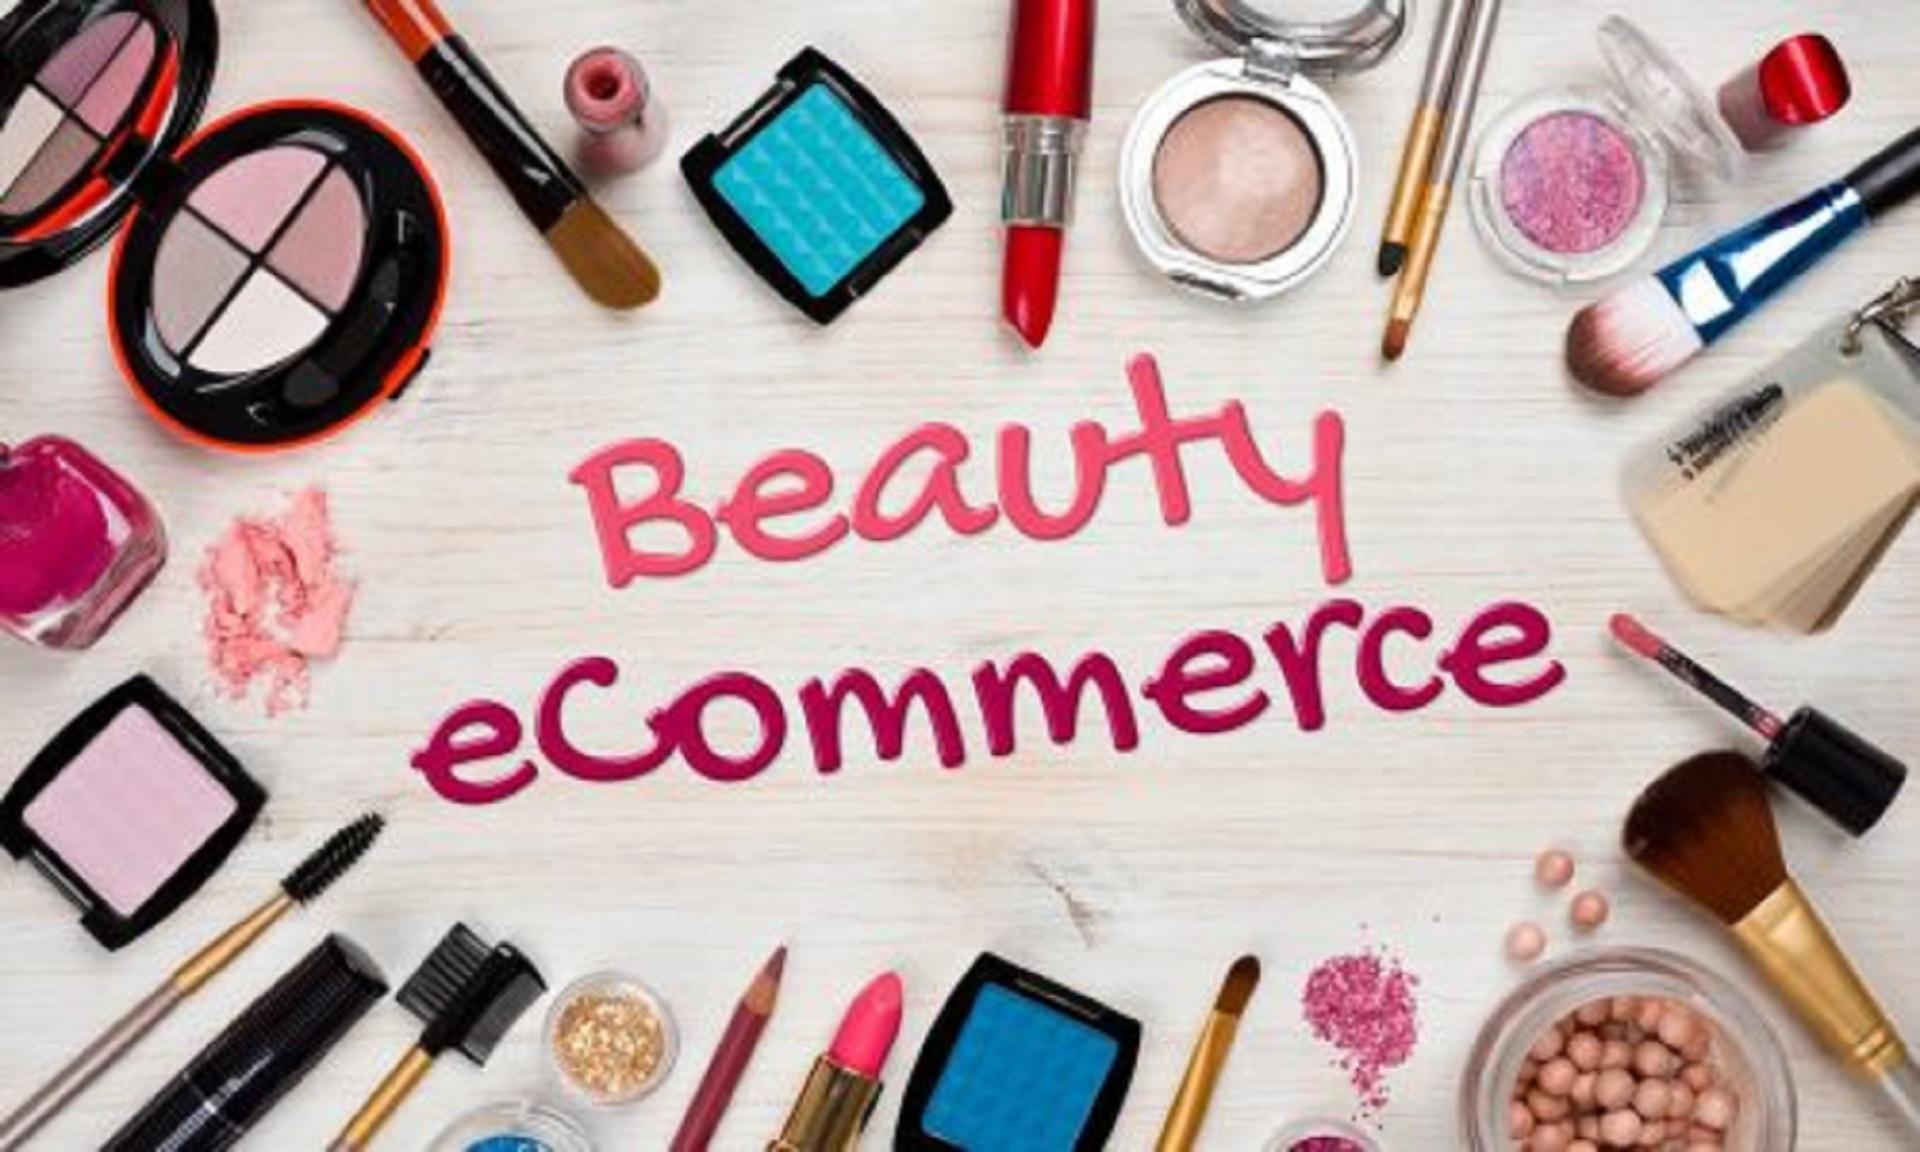 Học kinh nghiệm bán mỹ phẩm online giúp bạn đột phá doanh thu mỗi ngày